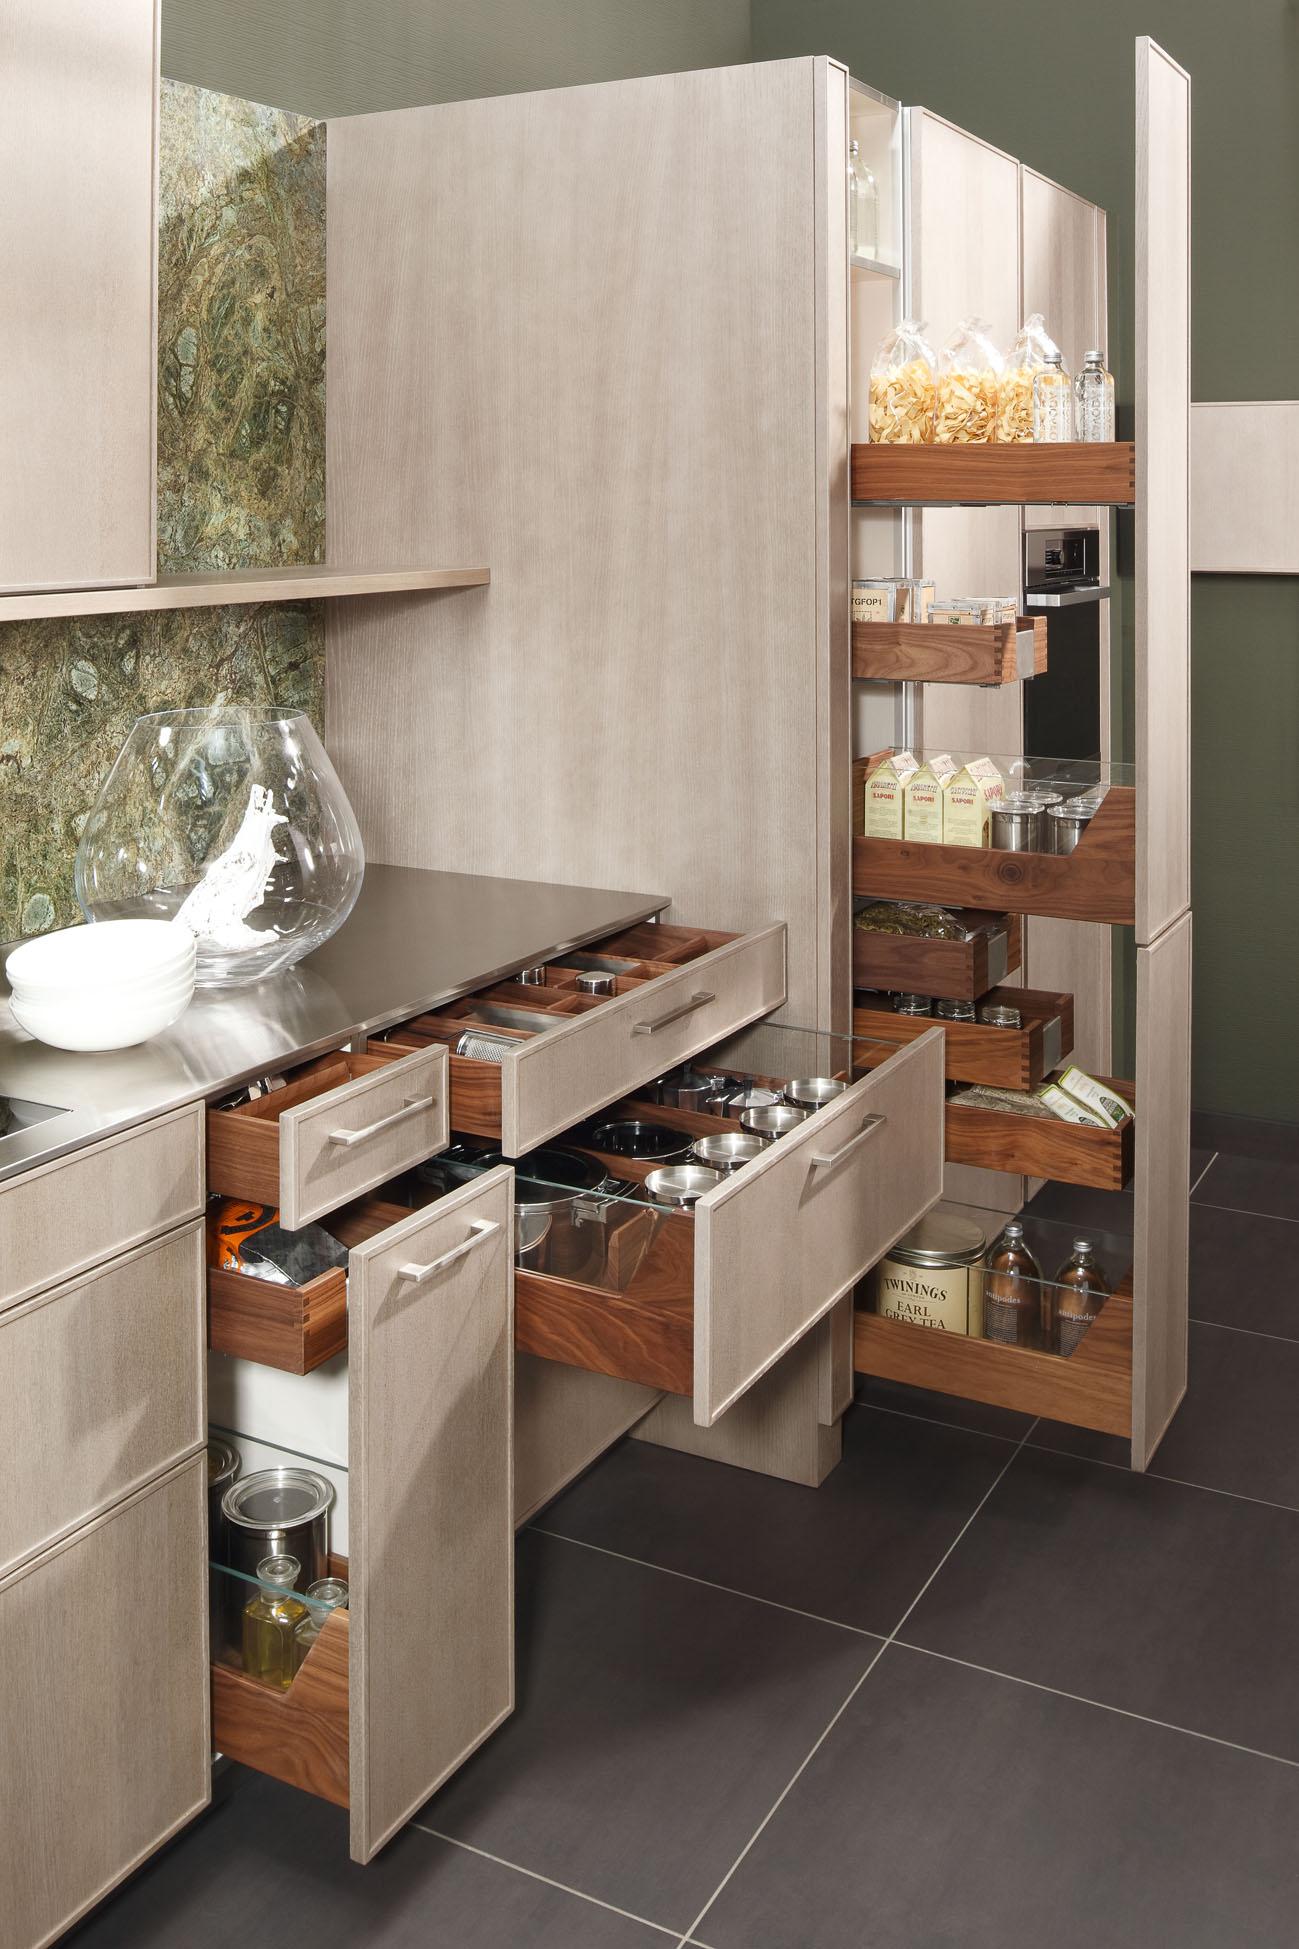 Keuken opberg ideeen – atumre.com